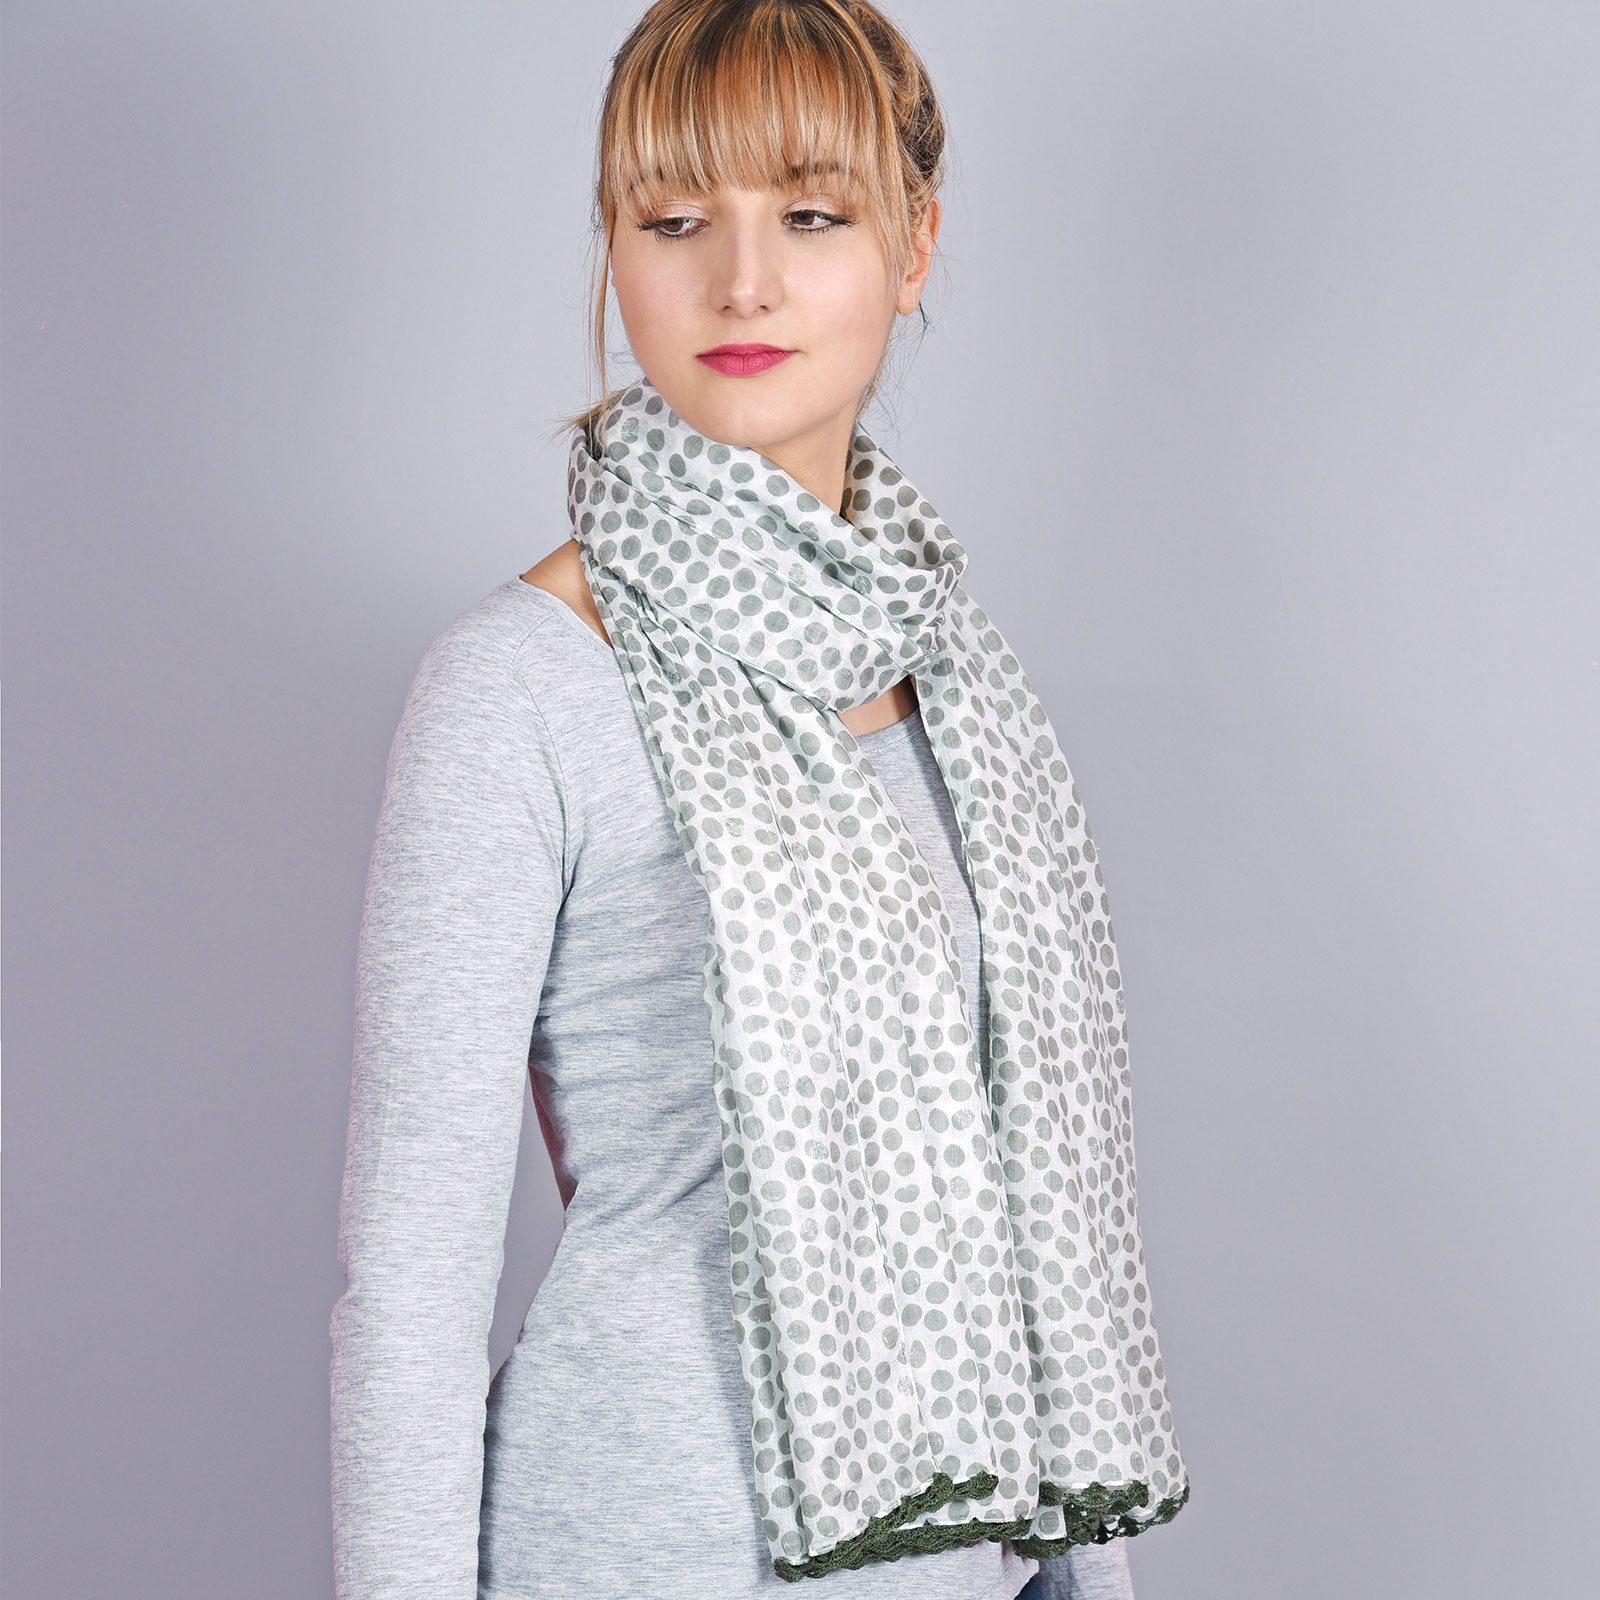 http://chantier.allee-du-foulard.fr/wp-content/uploads/2018/04/AT-04318-VF16-1-cheche-pois-gris-vert-1600x1600.jpg